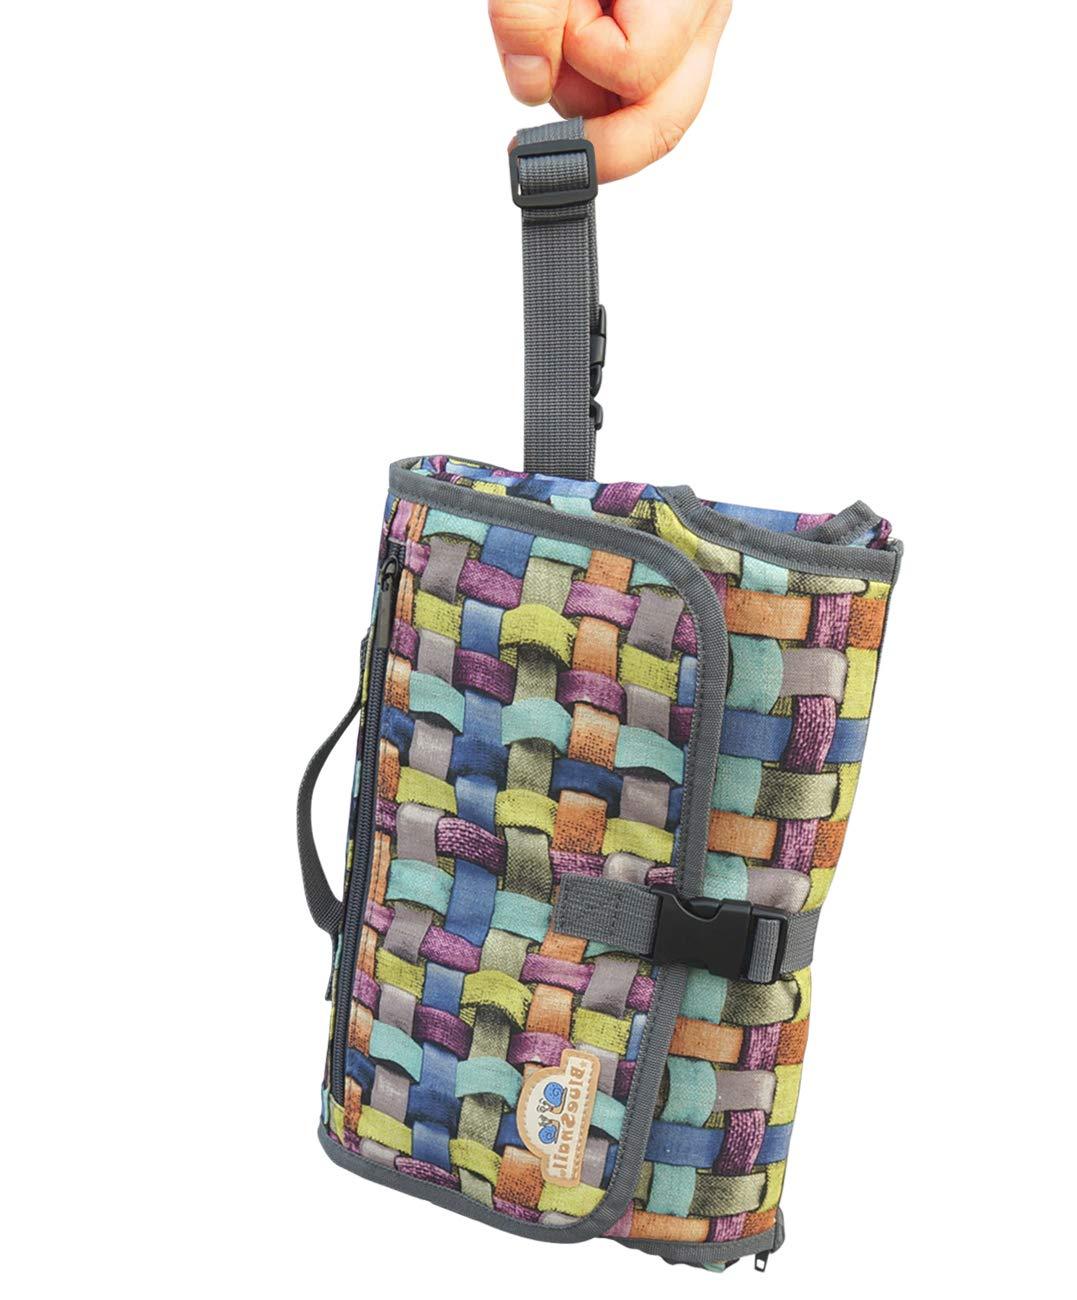 Wasserdicht Langlebig und Faltbare Wickelunterlage mit Abnehmbarer Tasche f/ür zu Hause und Unterwegs Tonsmile Tragbare Wickelunterlage